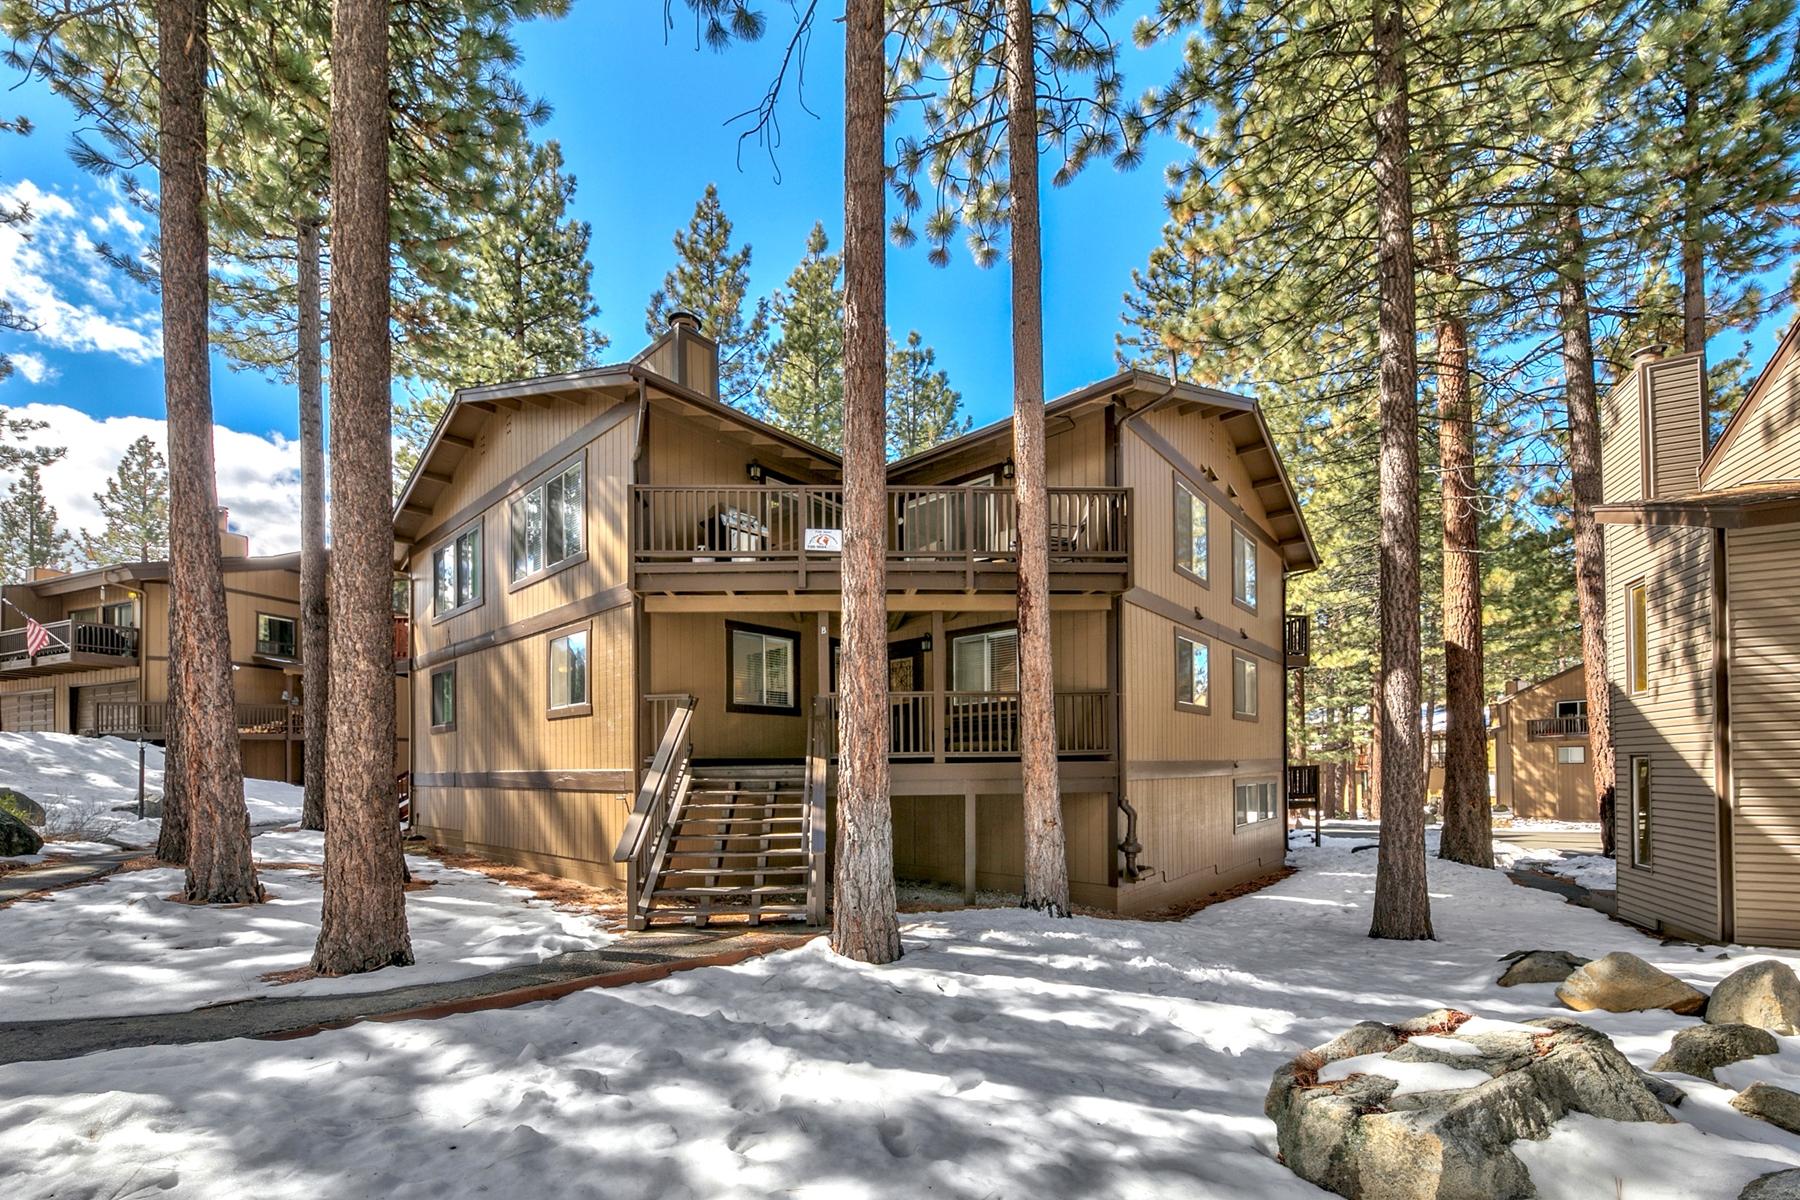 Eigentumswohnung für Verkauf beim 96 B Lake Village Drive Zephyr Cove, Nevada, 89448 Lake Tahoe, Vereinigte Staaten